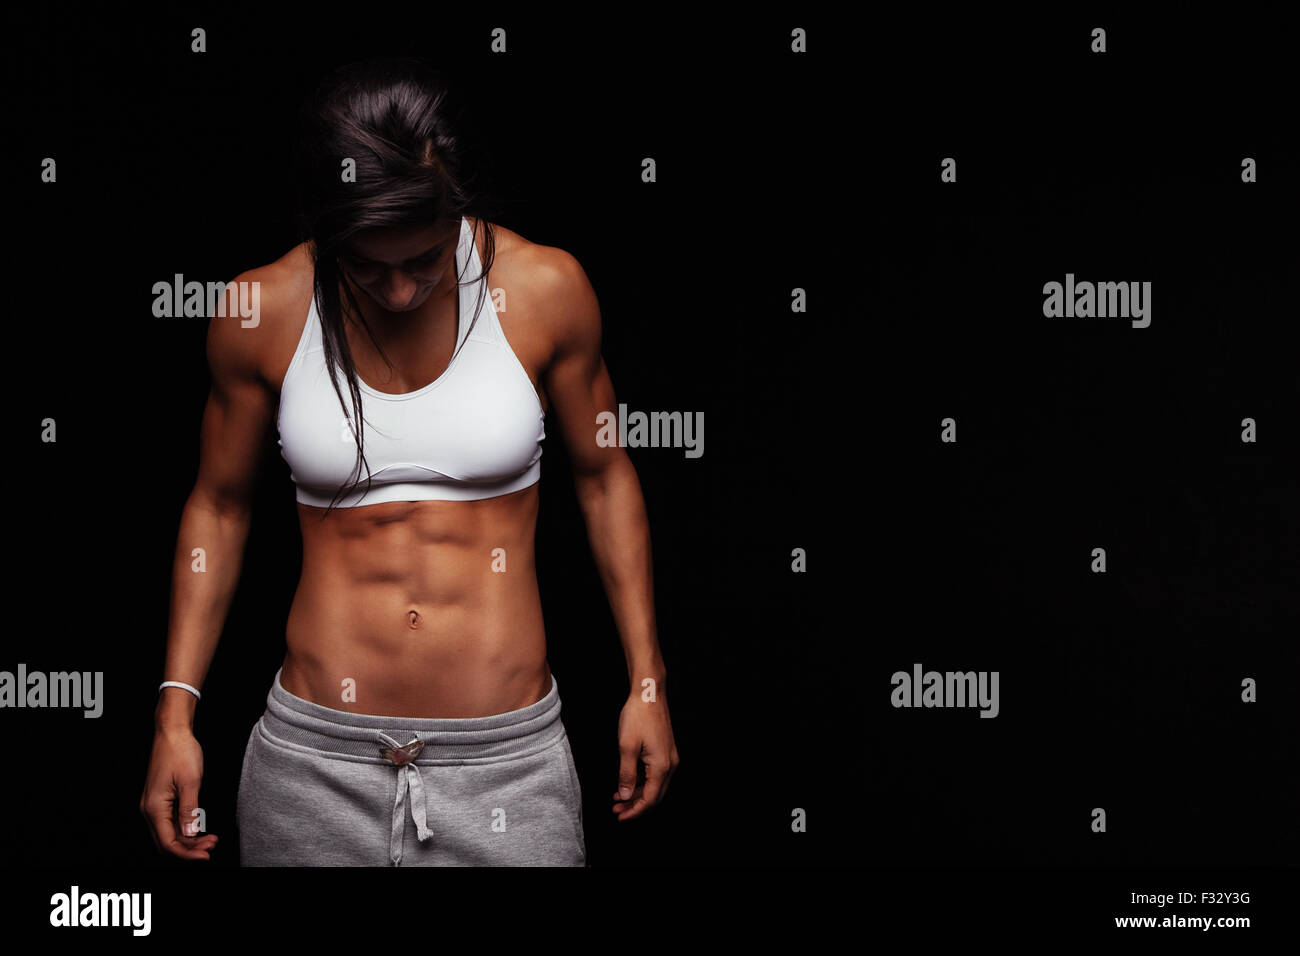 Image de la femme dans les vêtements de sport de remise en forme à la recherche vers le bas. Jeune modèle Photo Stock